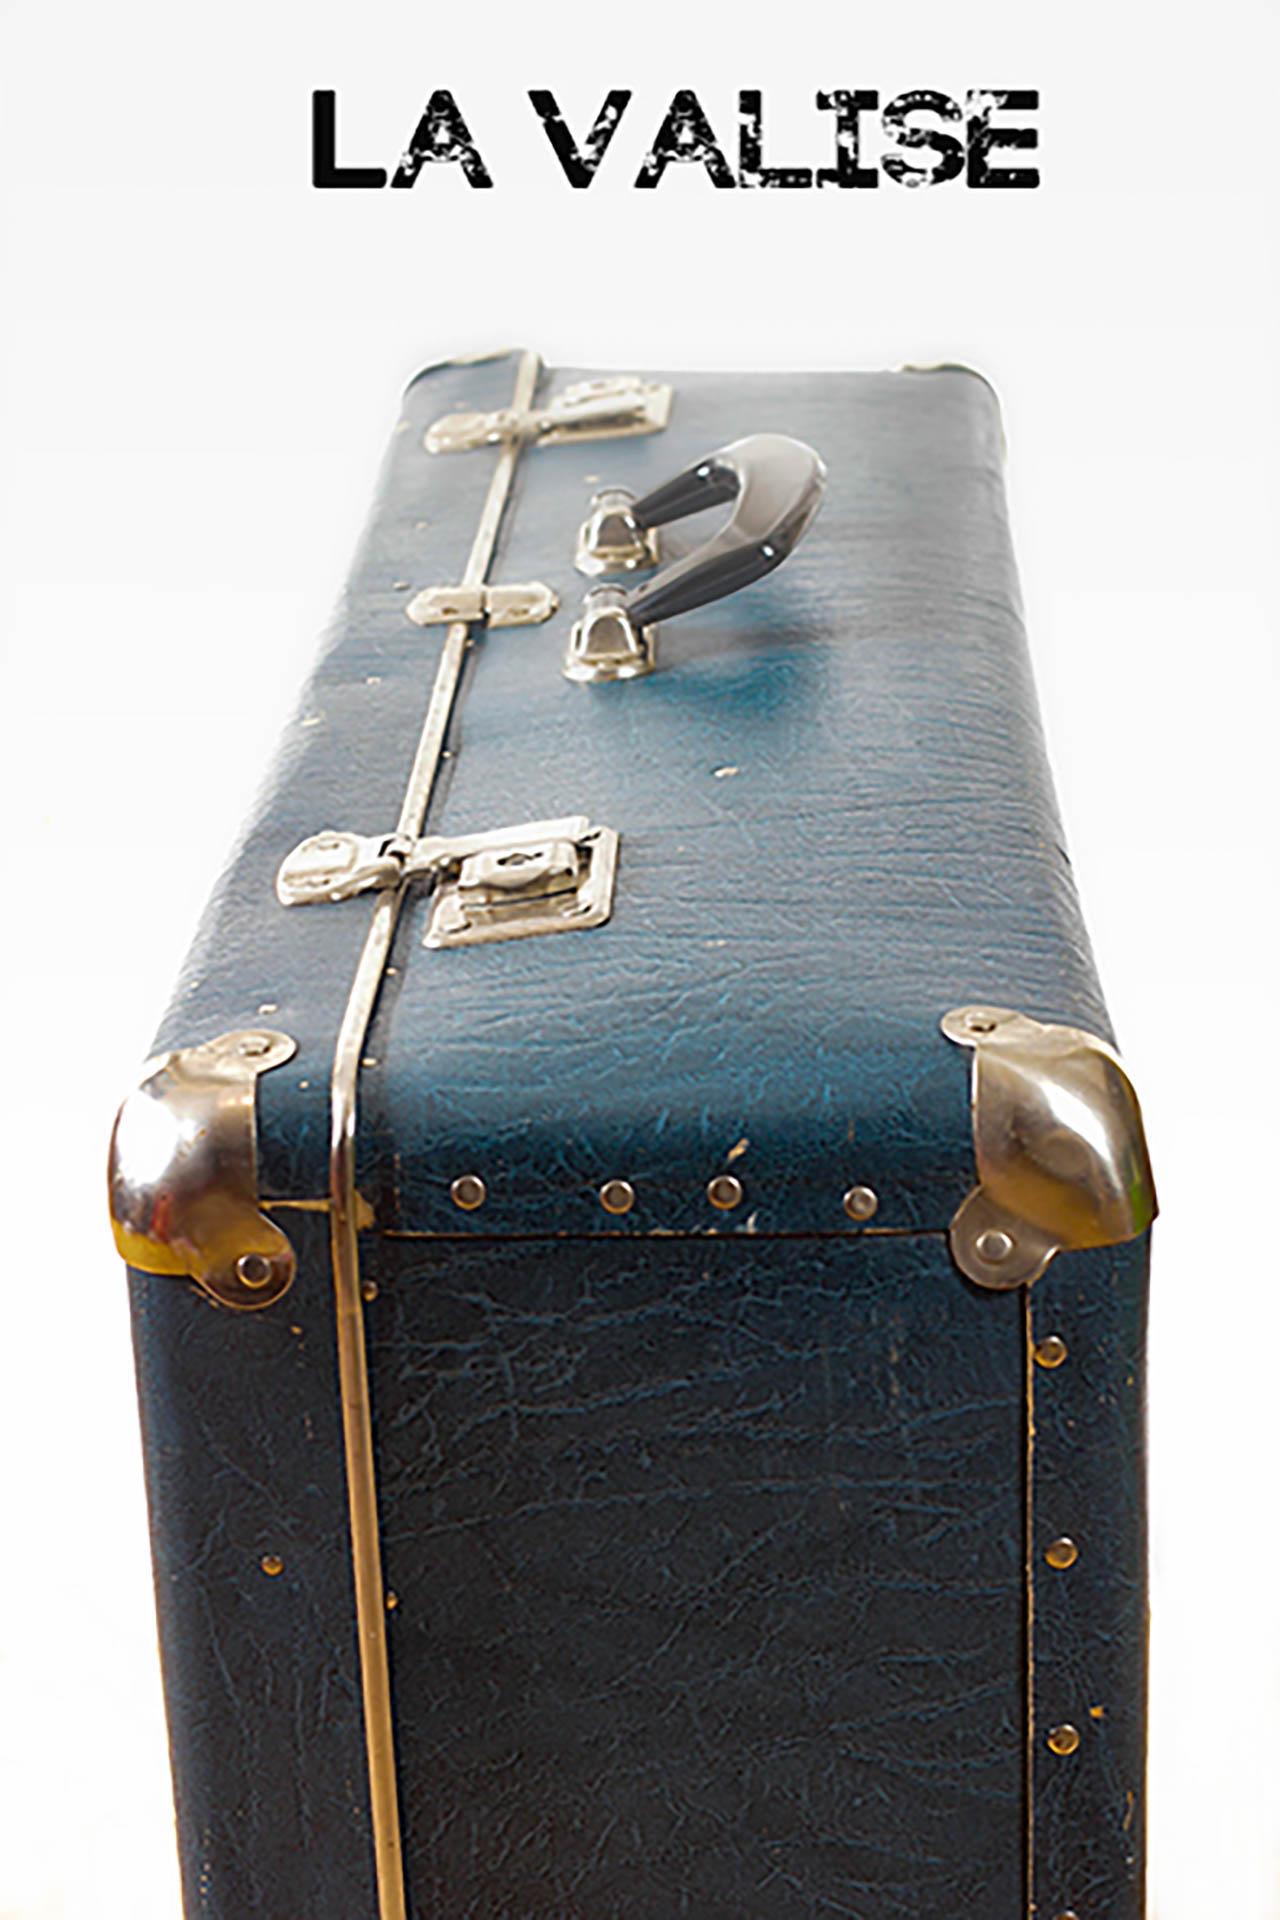 La valise creation personnelle